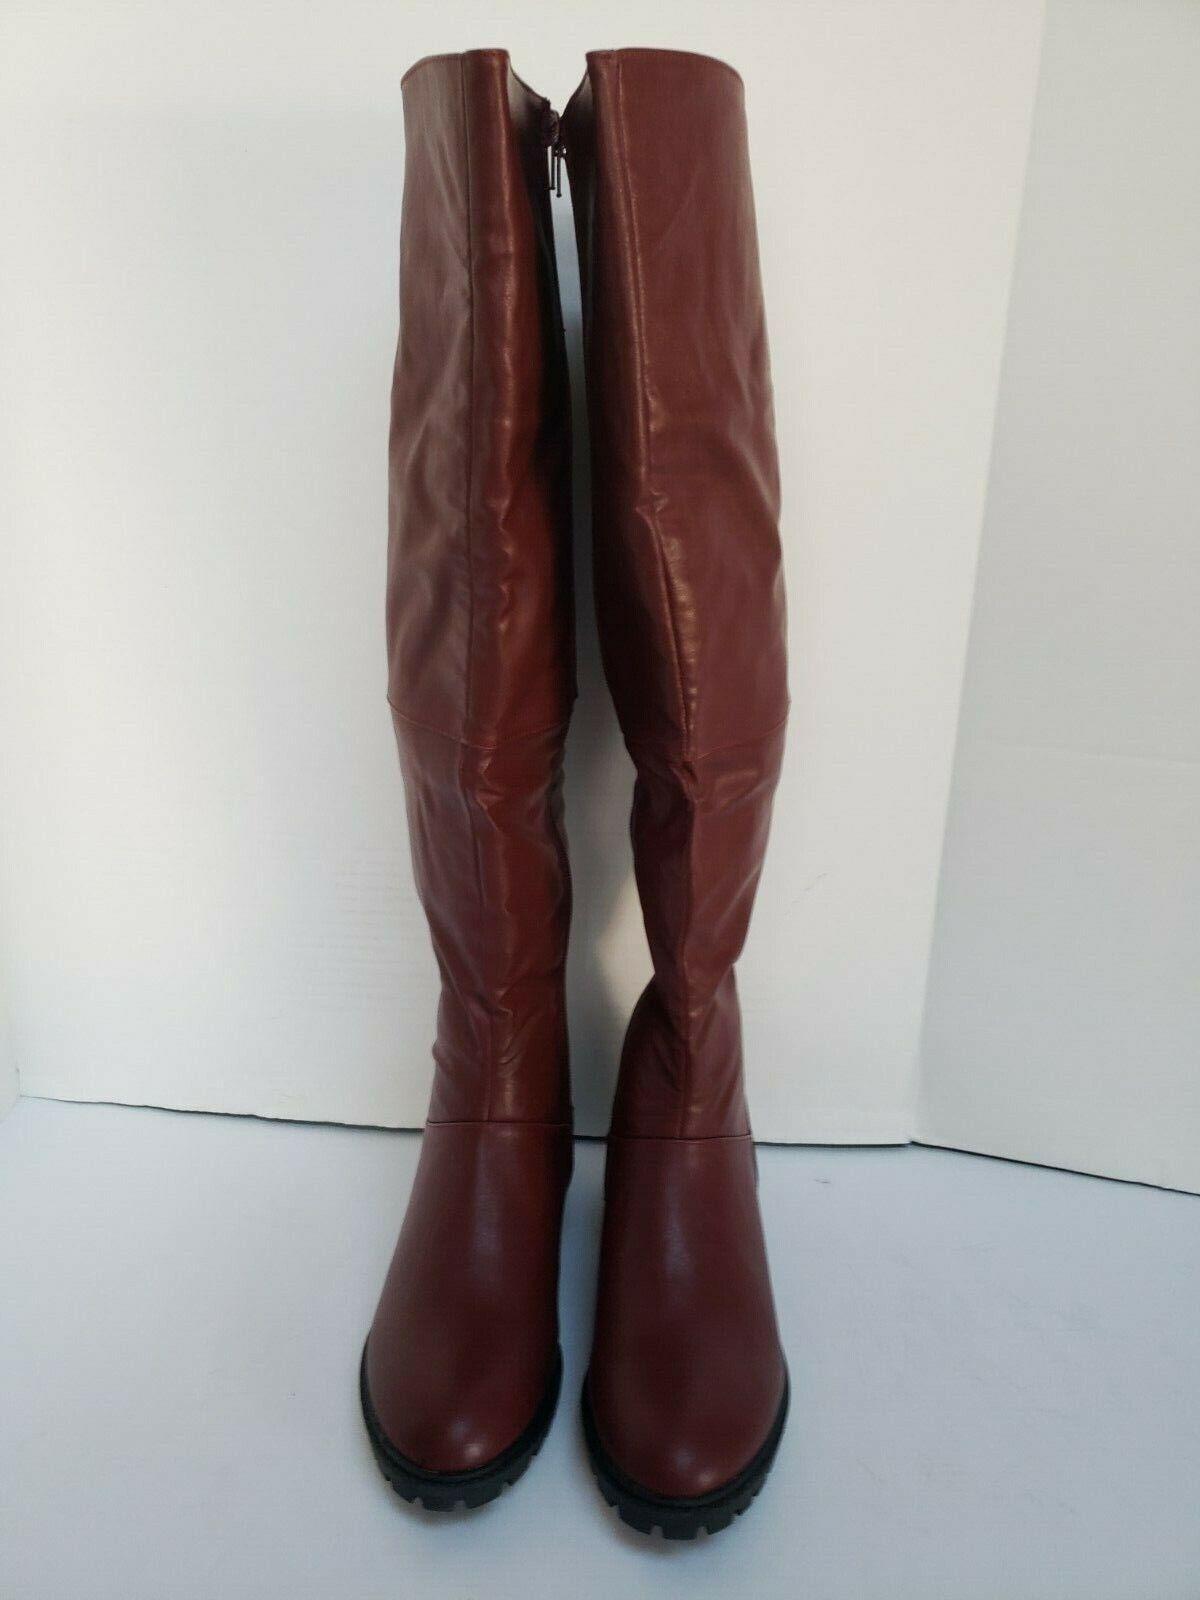 Nuevo Encantador Dama Para mujeres tramo becerro Borgoña Borgoña Borgoña Tacón bajo la rodilla botas altas talla 9  el mejor servicio post-venta